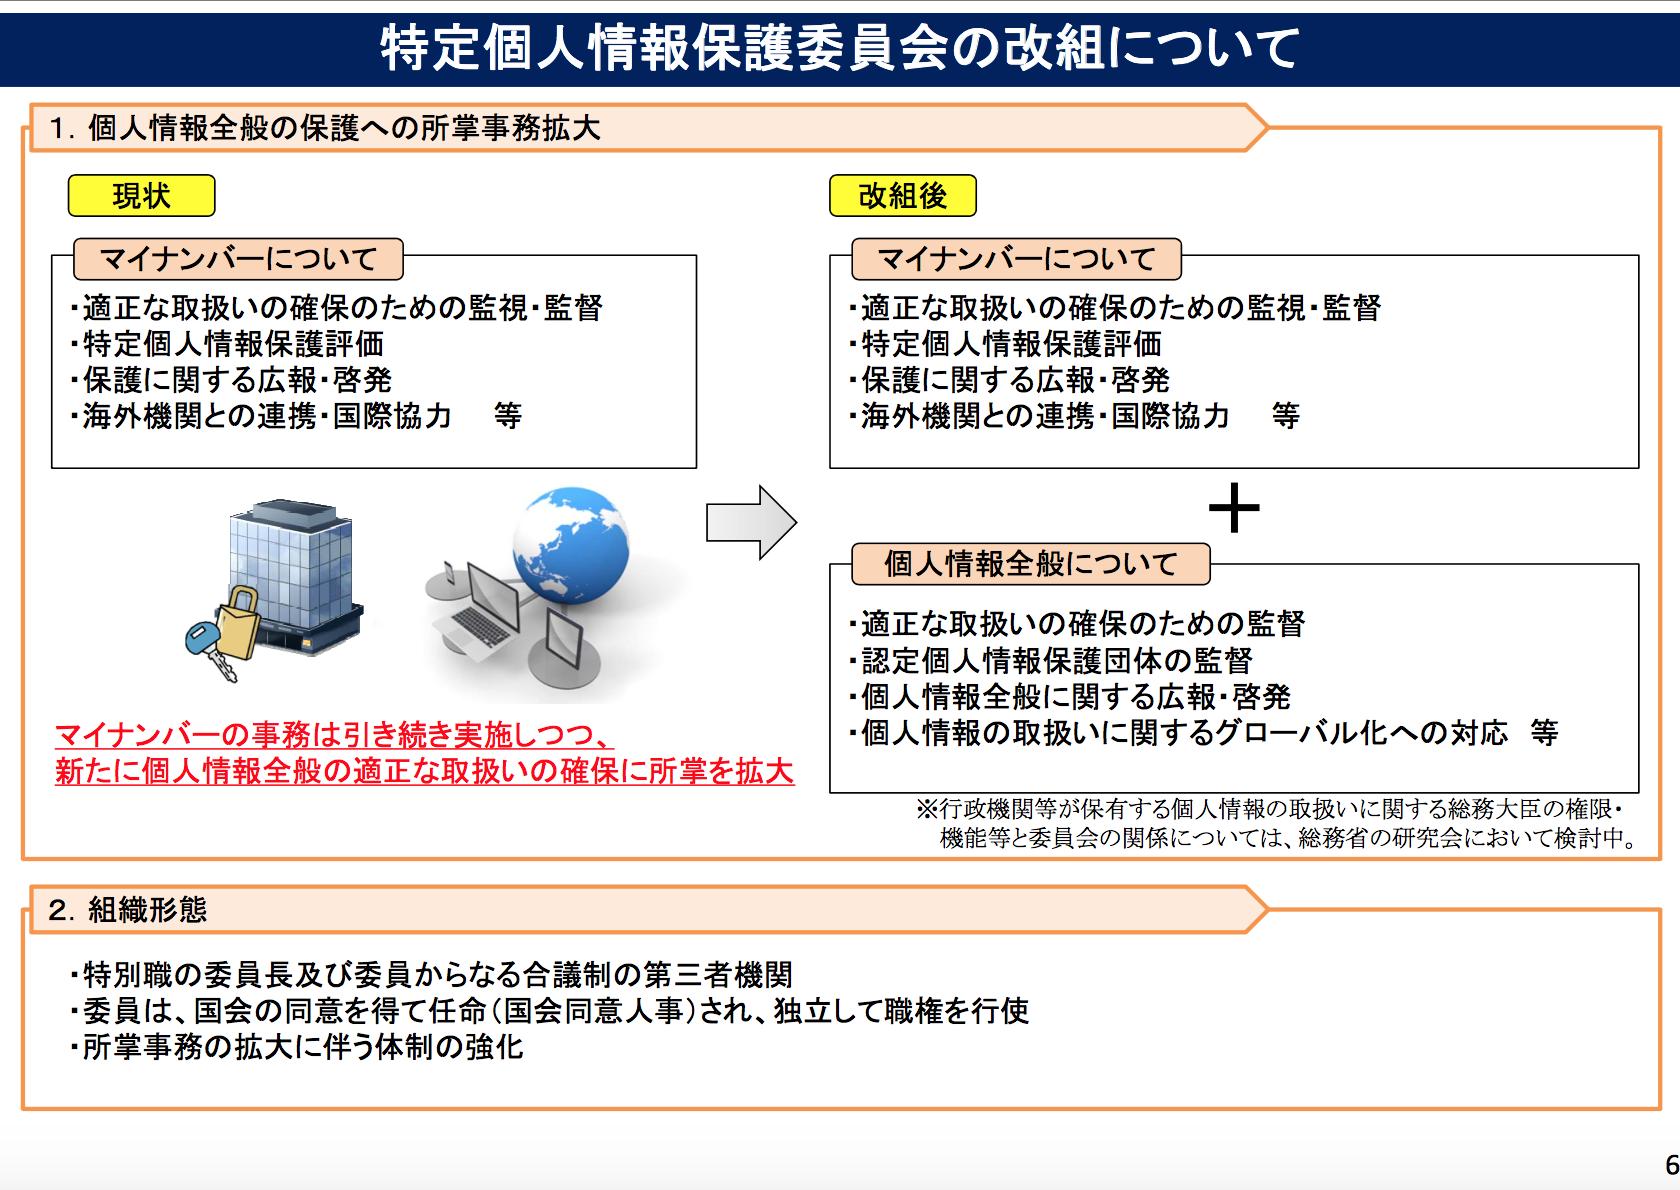 改正マイナンバー法07